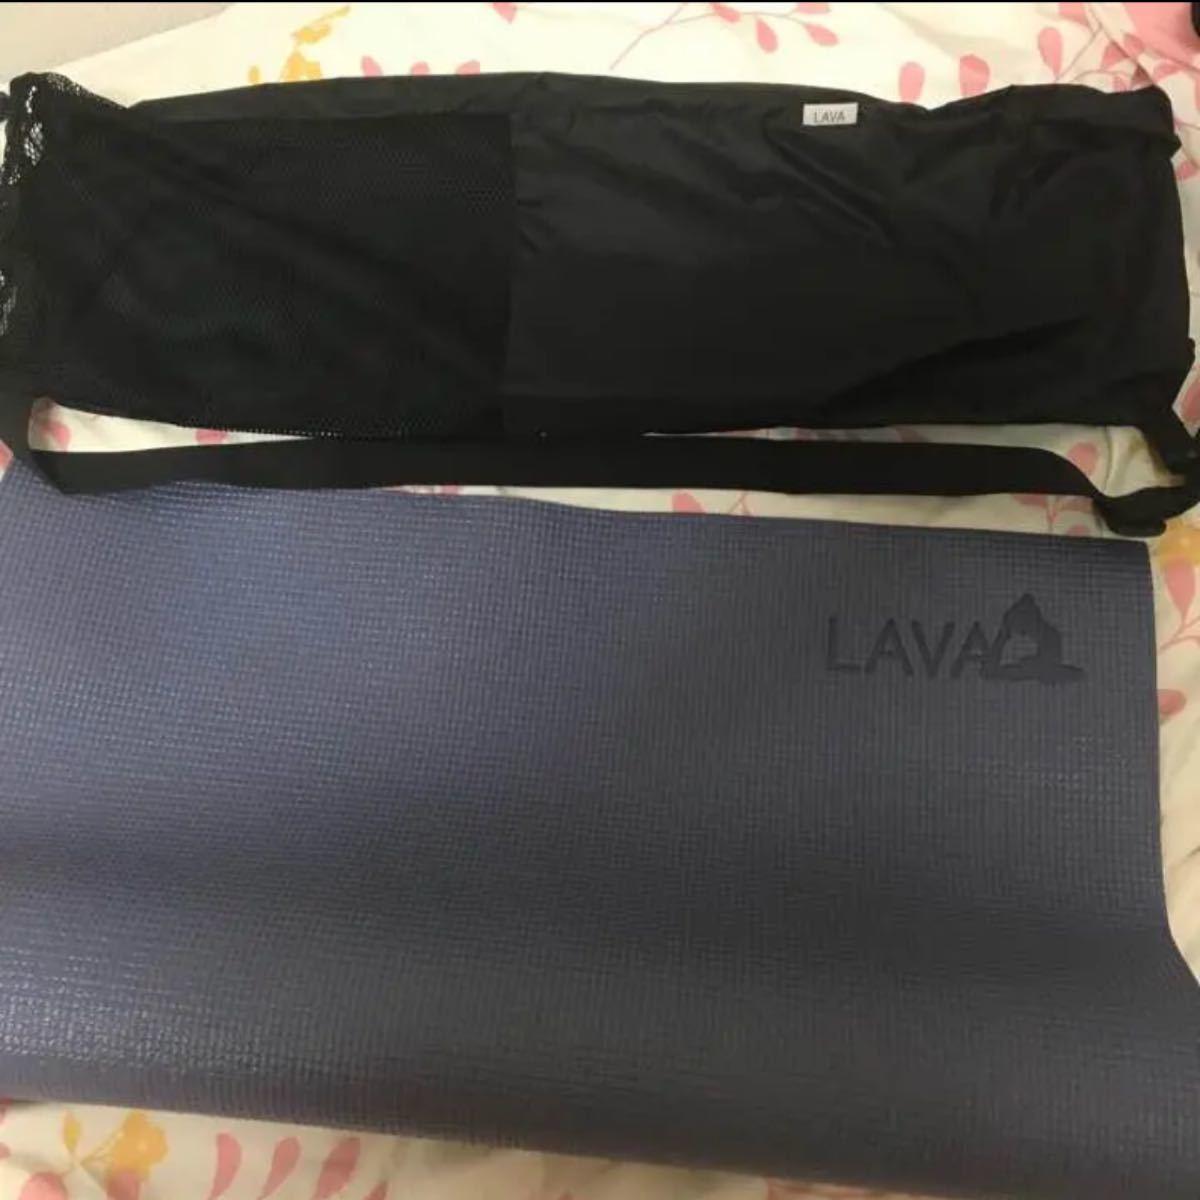 【新品未使用】 LAVAのマット、ラグ、ケースのセット 値段交渉可